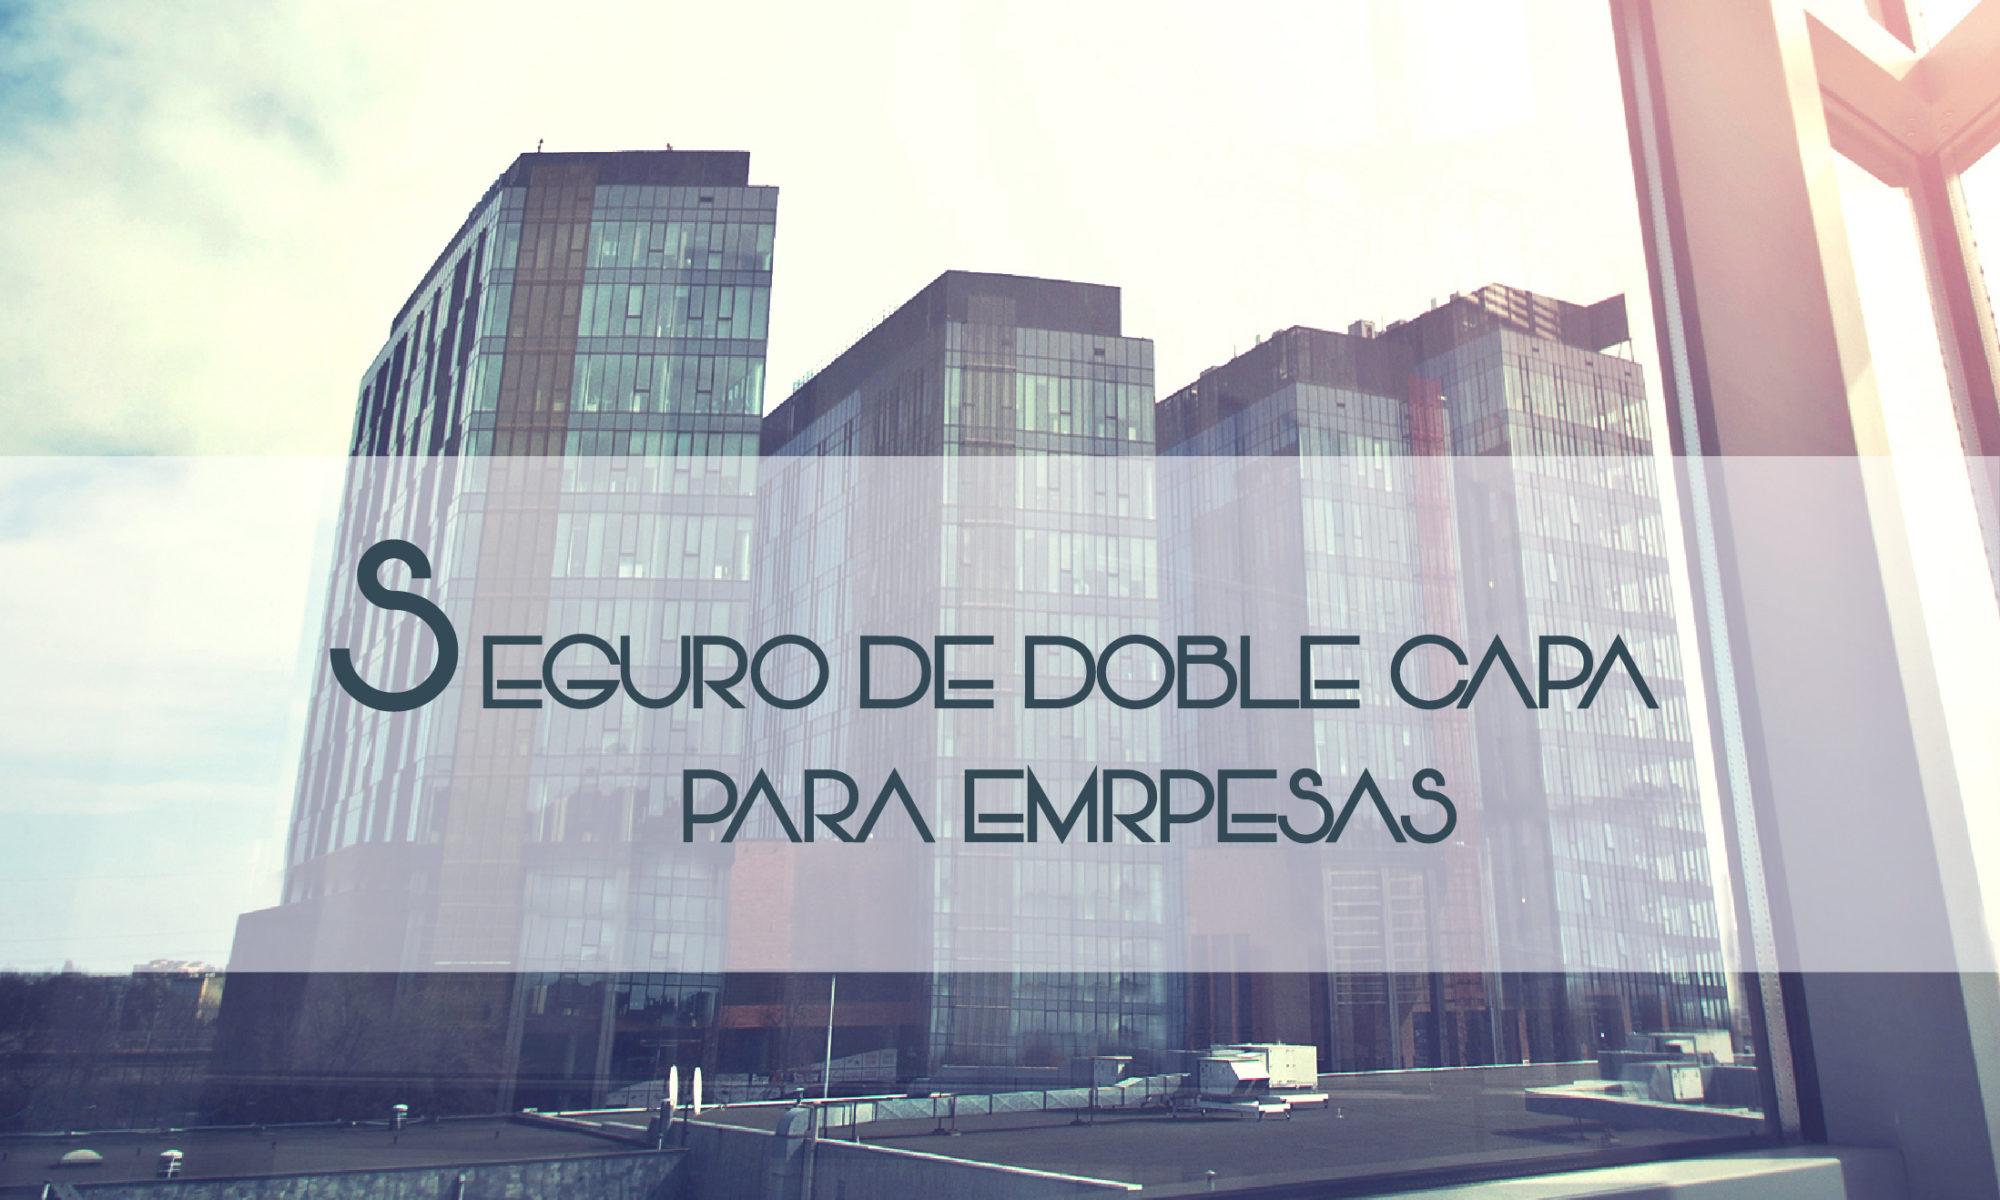 seguros doble capa blog